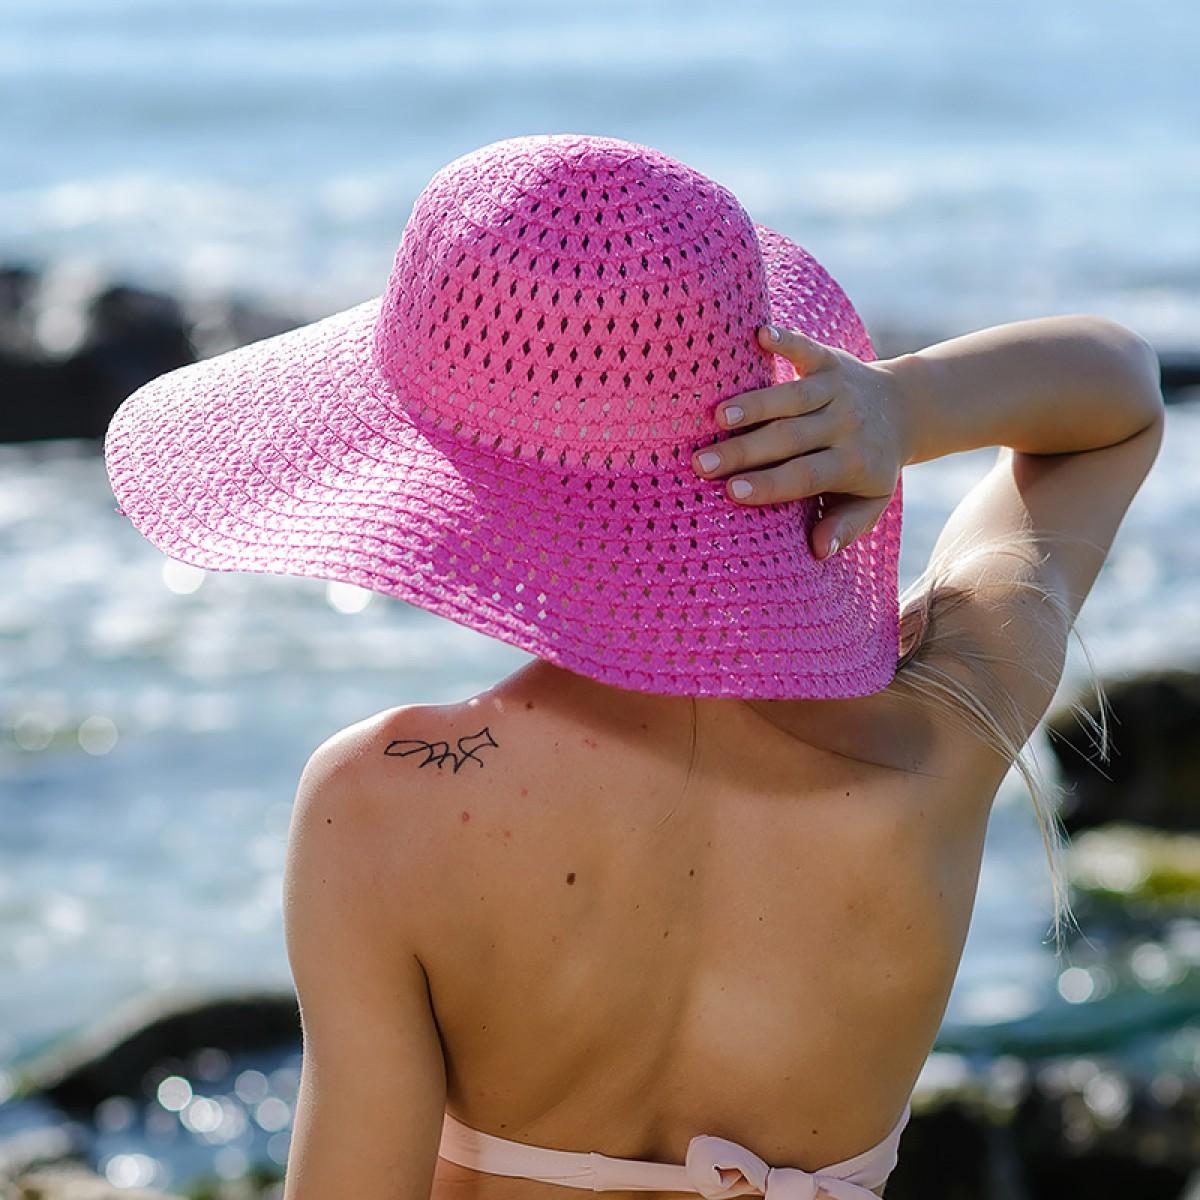 Плажна шапка с голяма периферия - розова Снимка 3 от 3